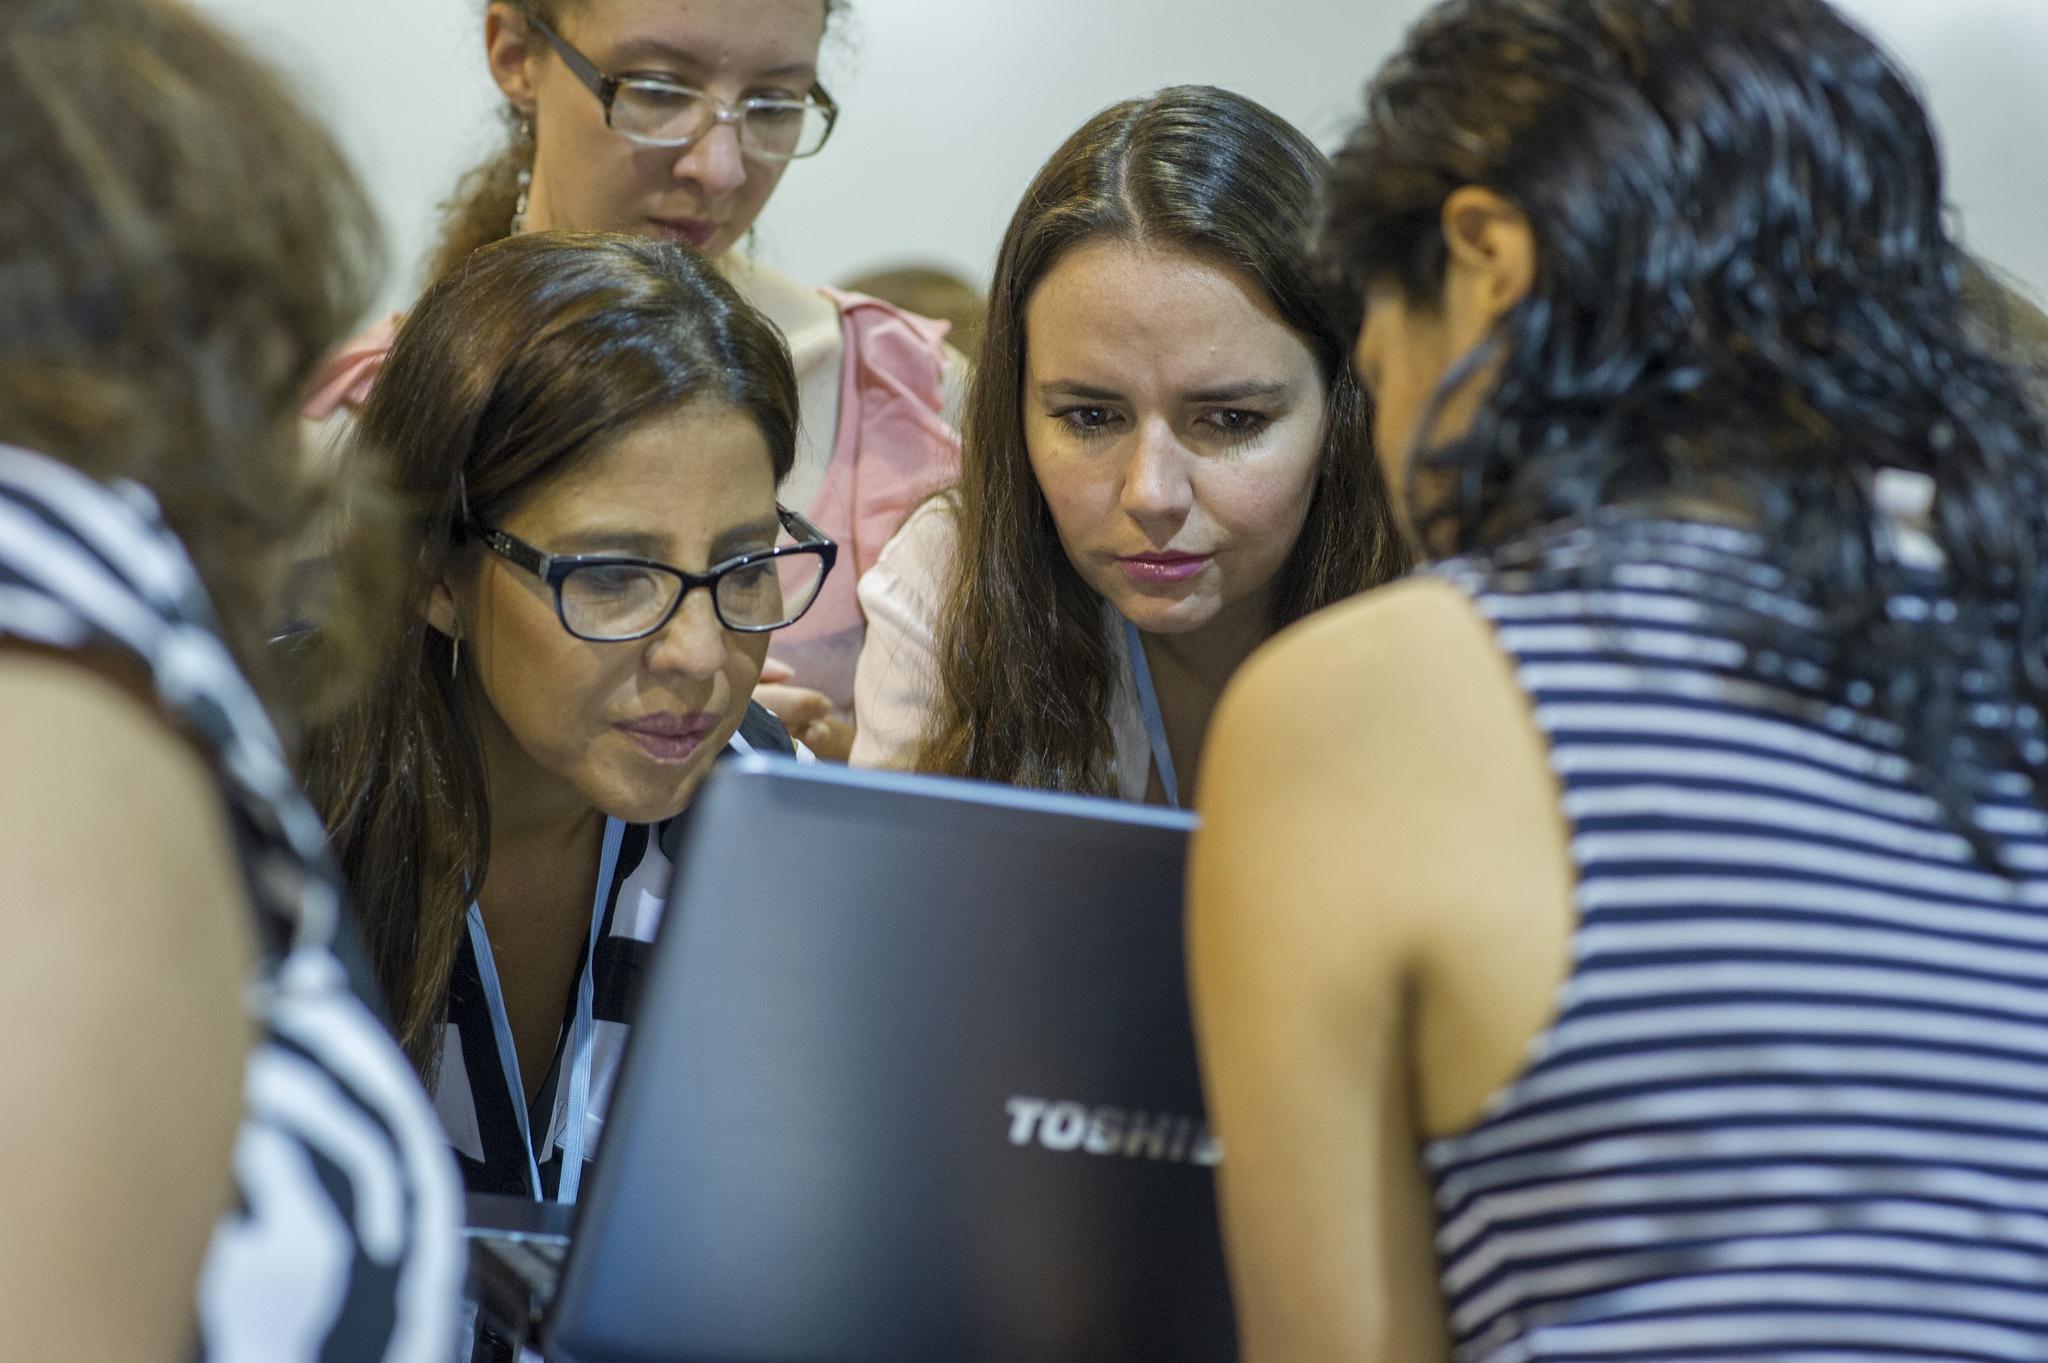 Equidade de gênero ainda é um desafio para 76% das empresas brasileiras